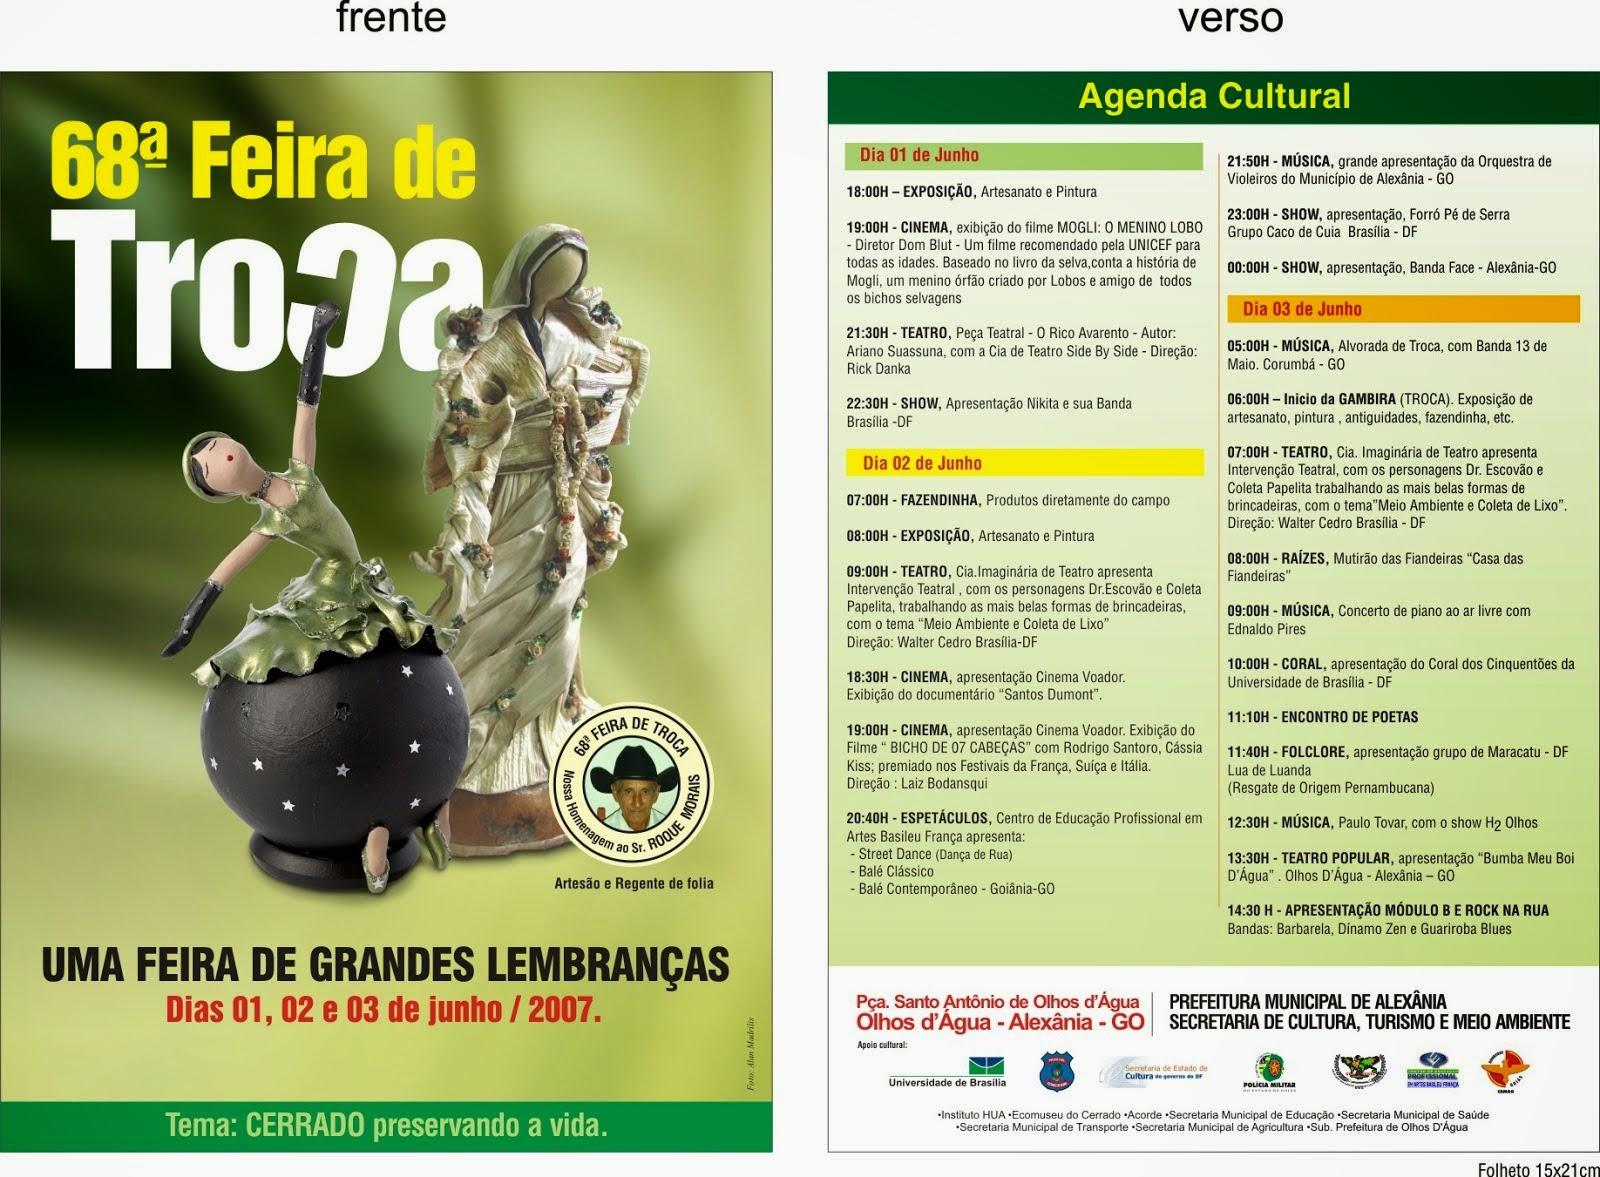 68ª FEIRA DE TROCAS DE OLHOS D'ÁGUA/ALEXÂNIA-GO